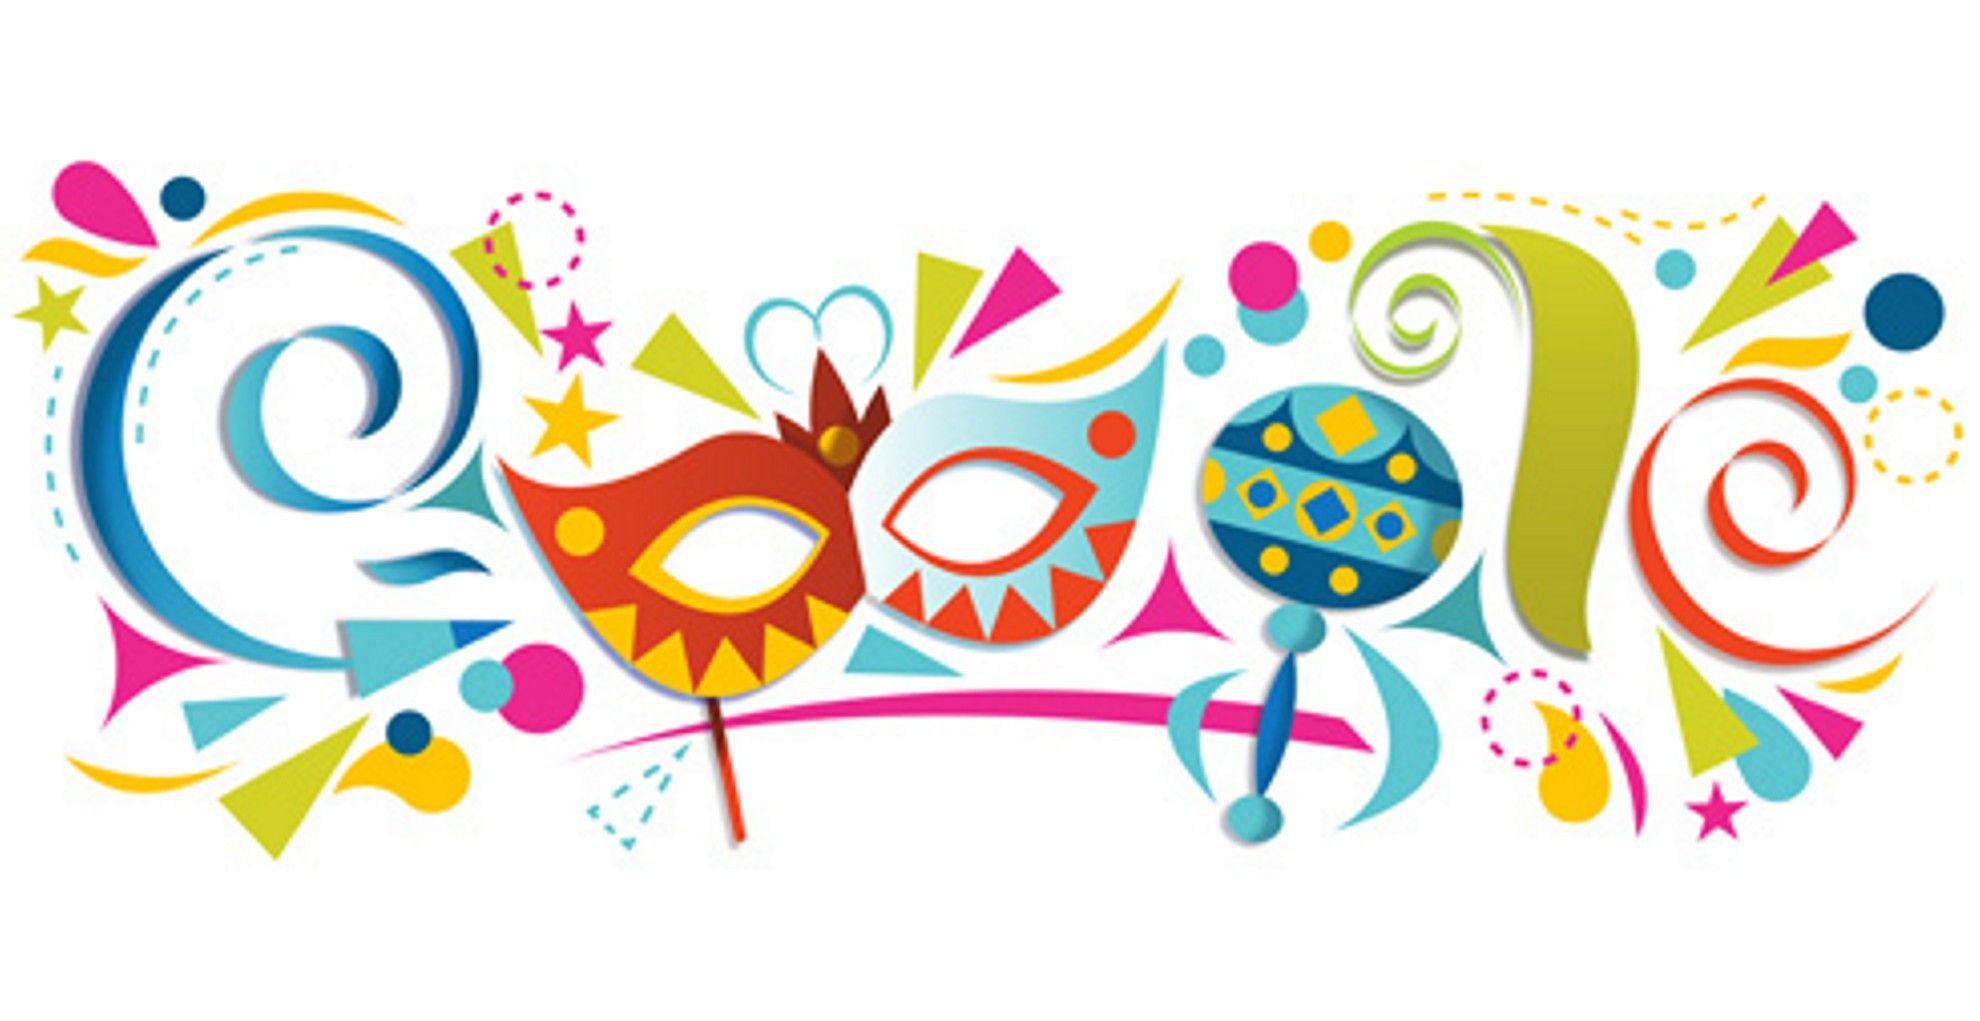 Carnaval de Barranquilla Google Doodle in 2019.